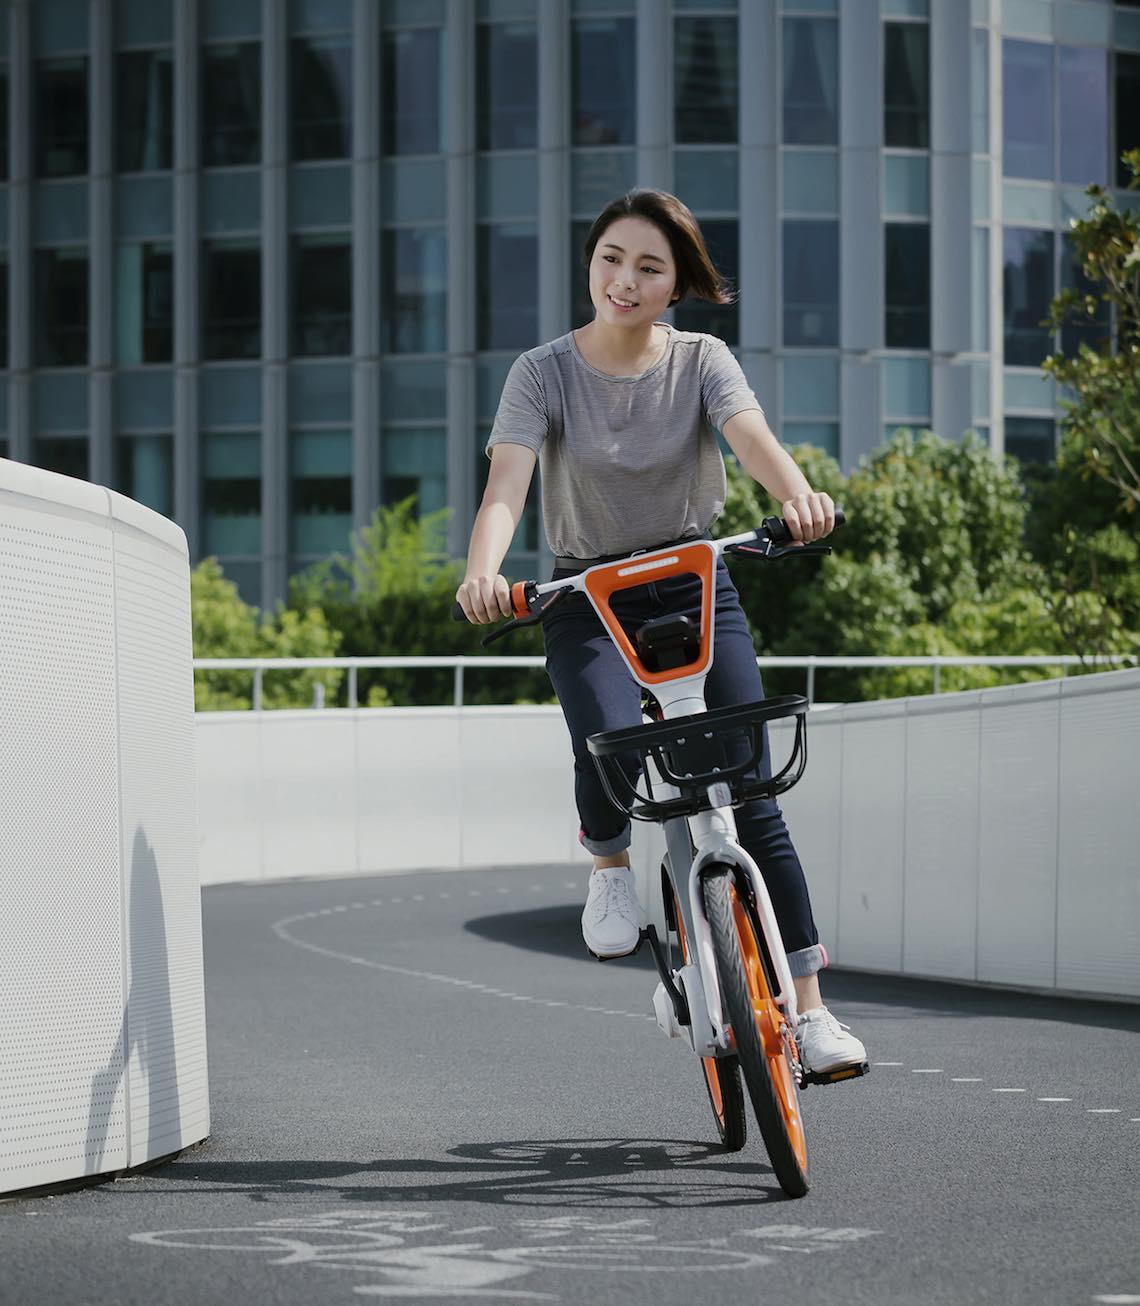 Mobike e-bike_Springtime_urbancycling_2